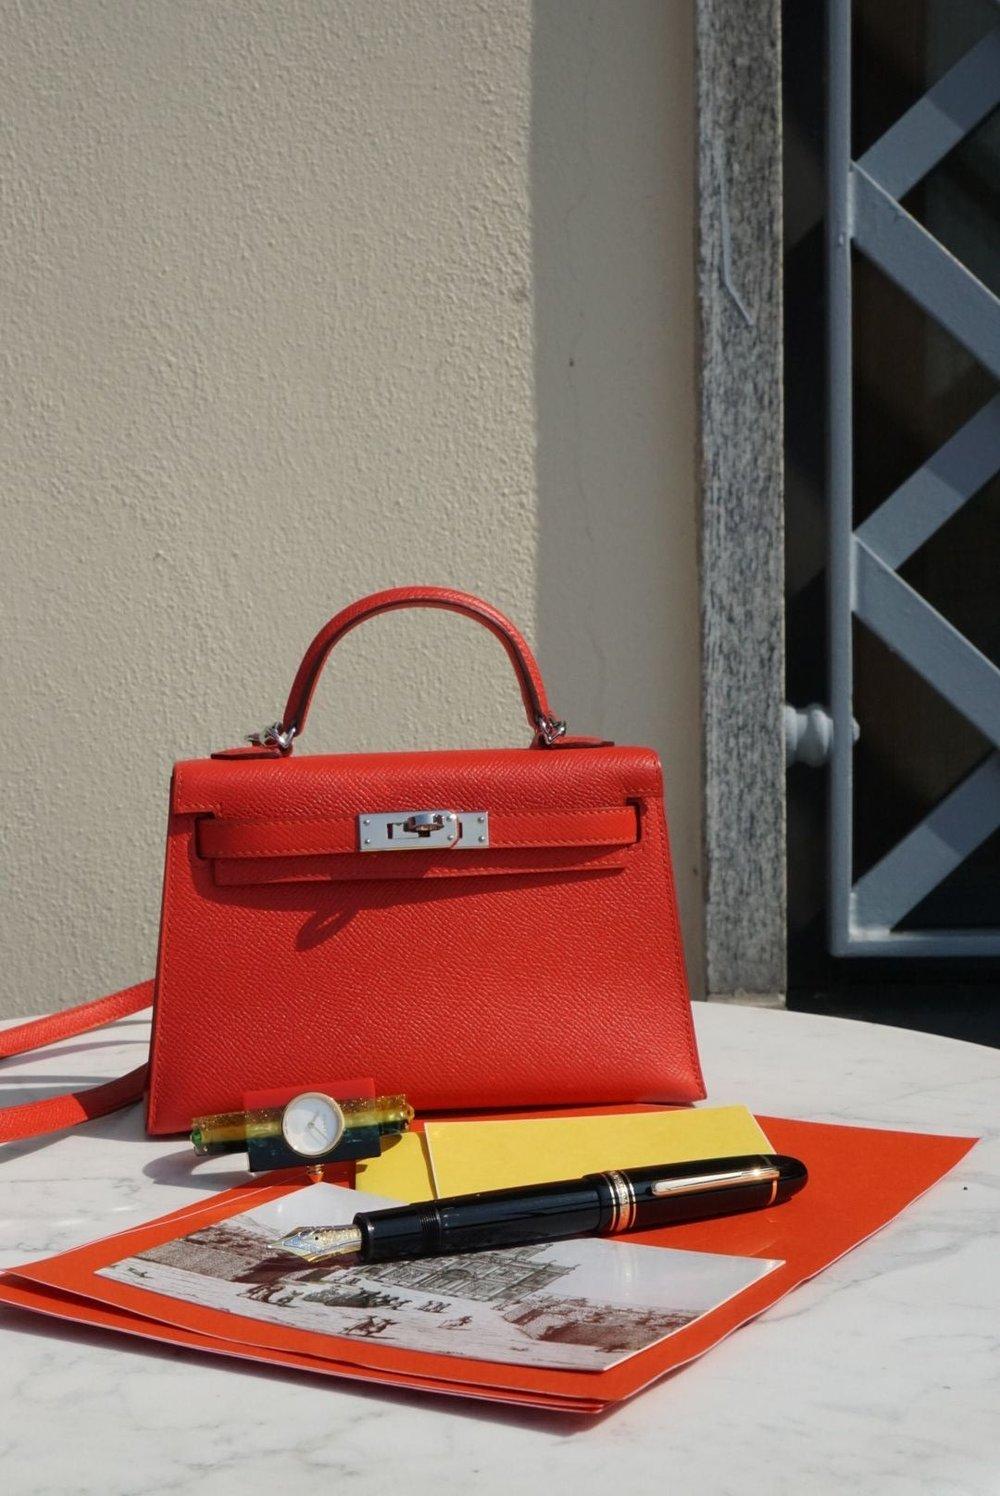 Hermes bag.jpg